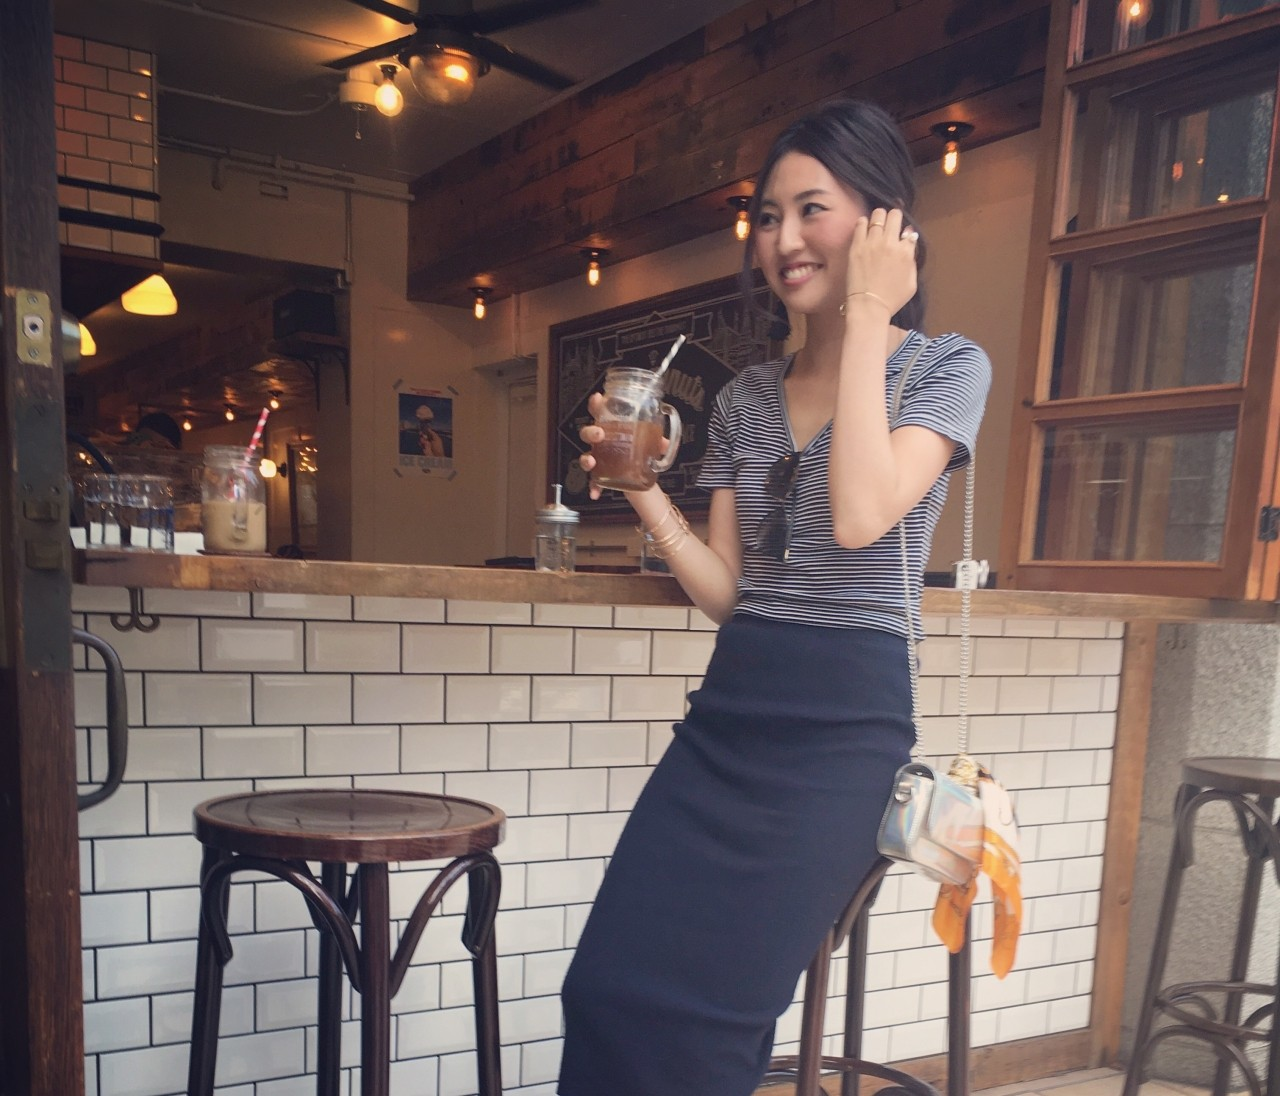 Vネック細ボーダーTシャツ×リブペンシルスカートで女子会。